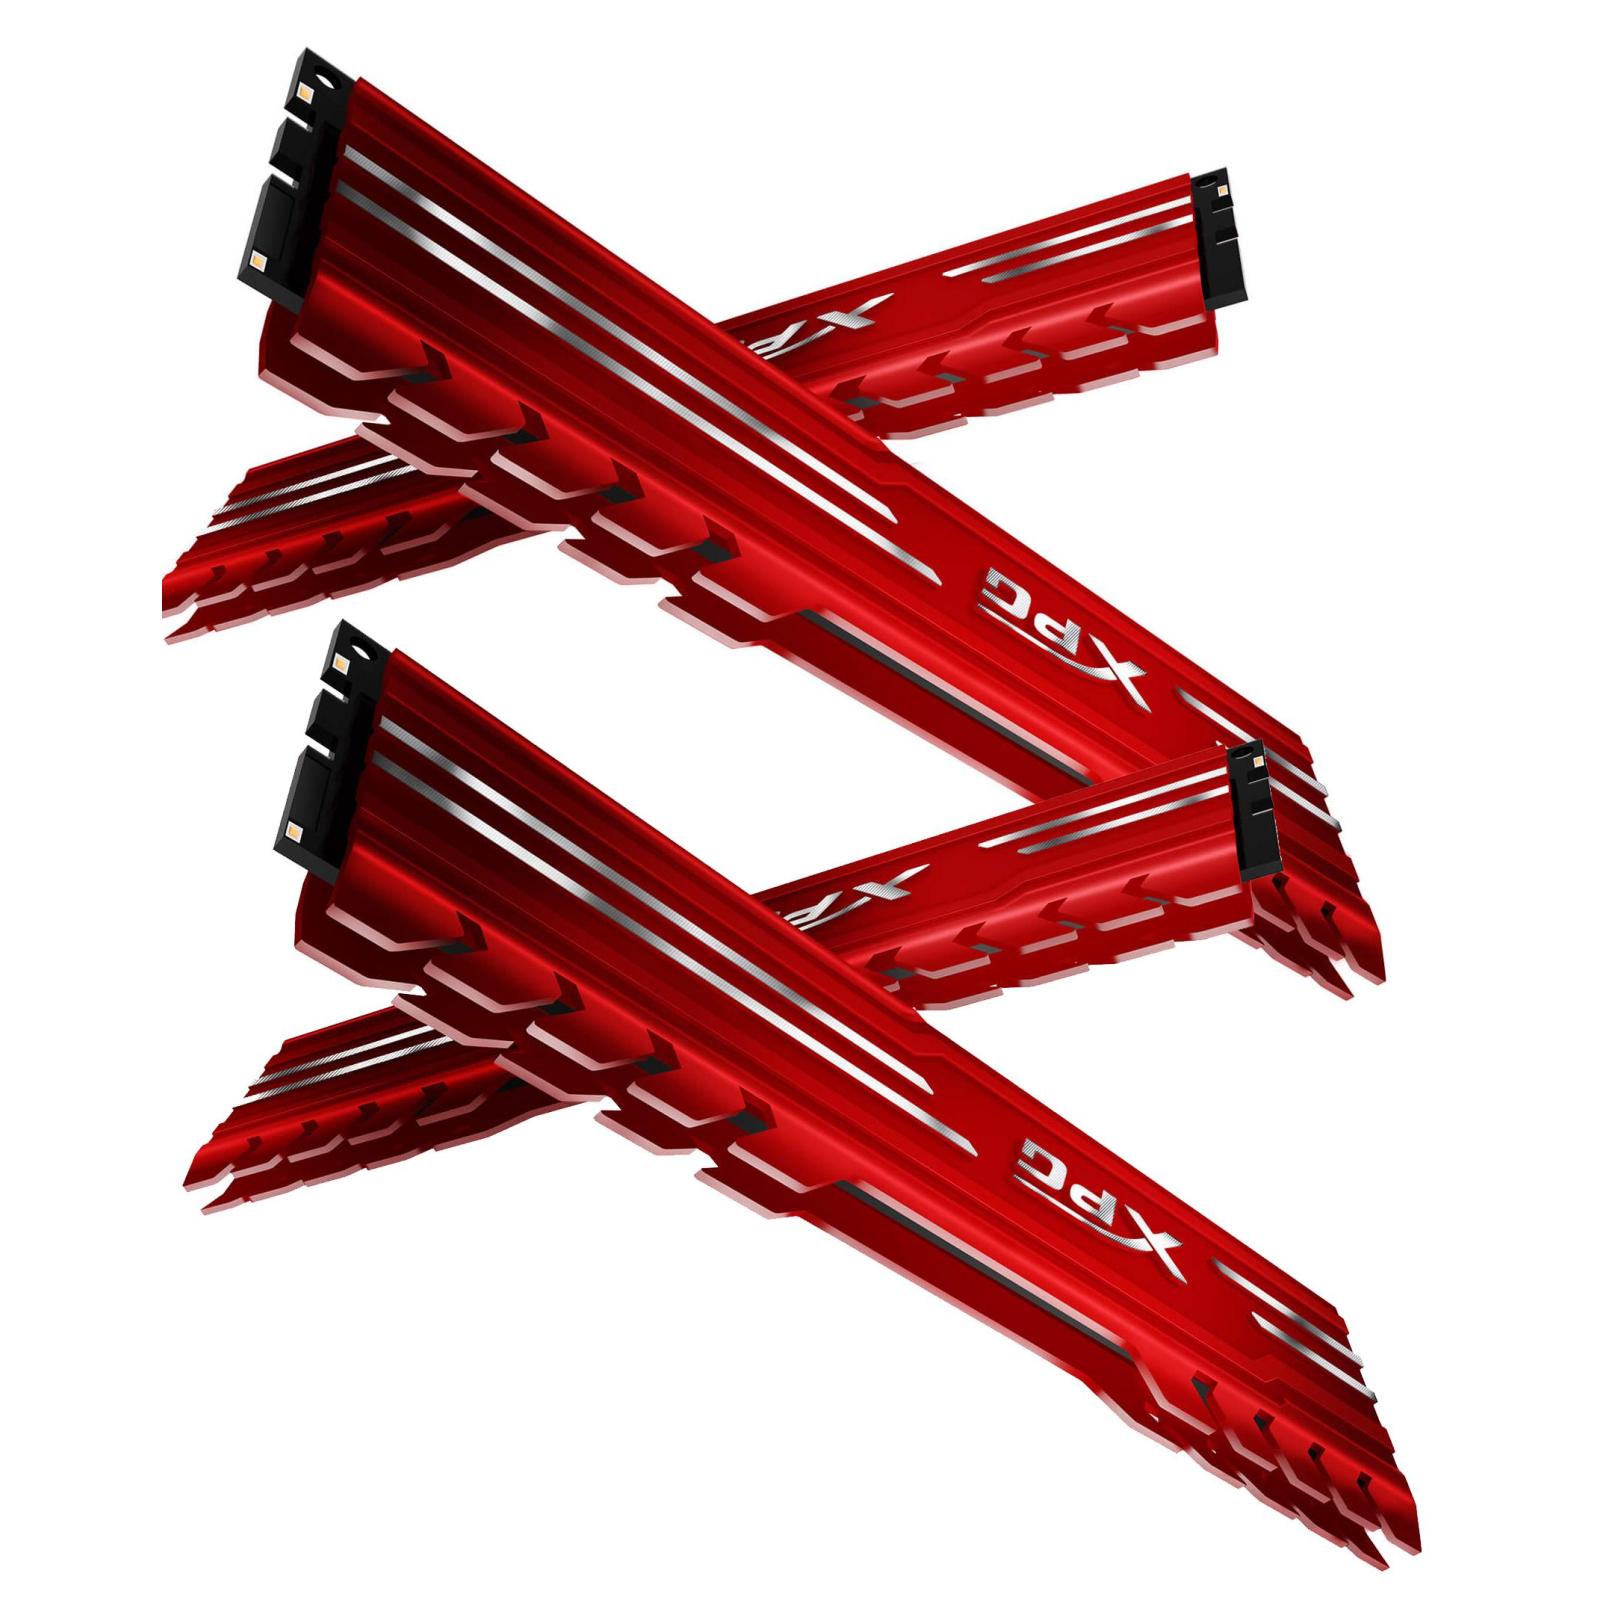 Модуль памяти для компьютера DDR4 16GB (4x4GB) 2666 MHz XPG Gammix D10 Red ADATA (AX4U2666W4G16-QRG) изображение 3